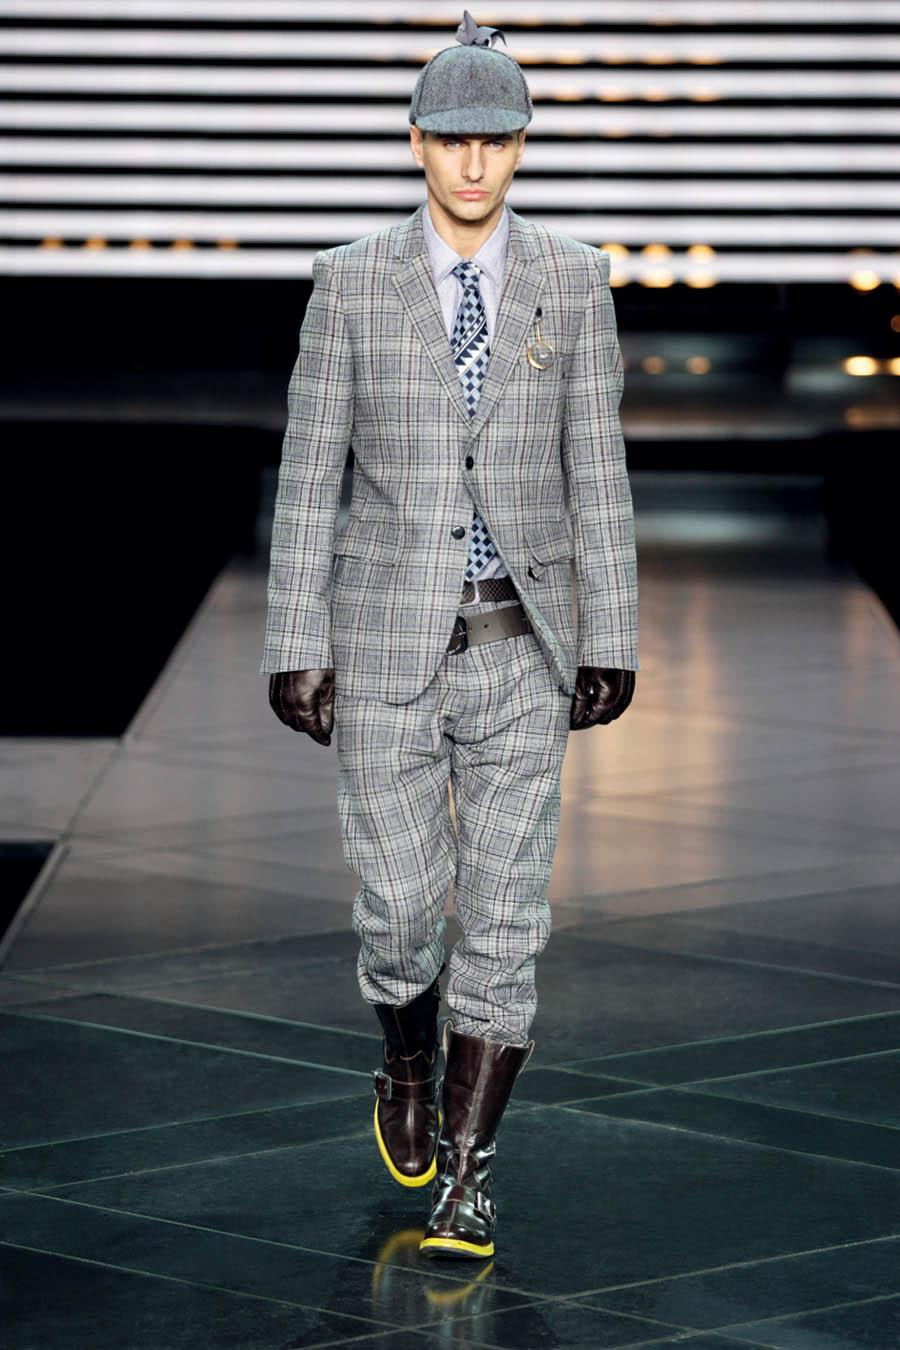 G-Star Fall 2010 Men: An Extensive Selection of Denim ...